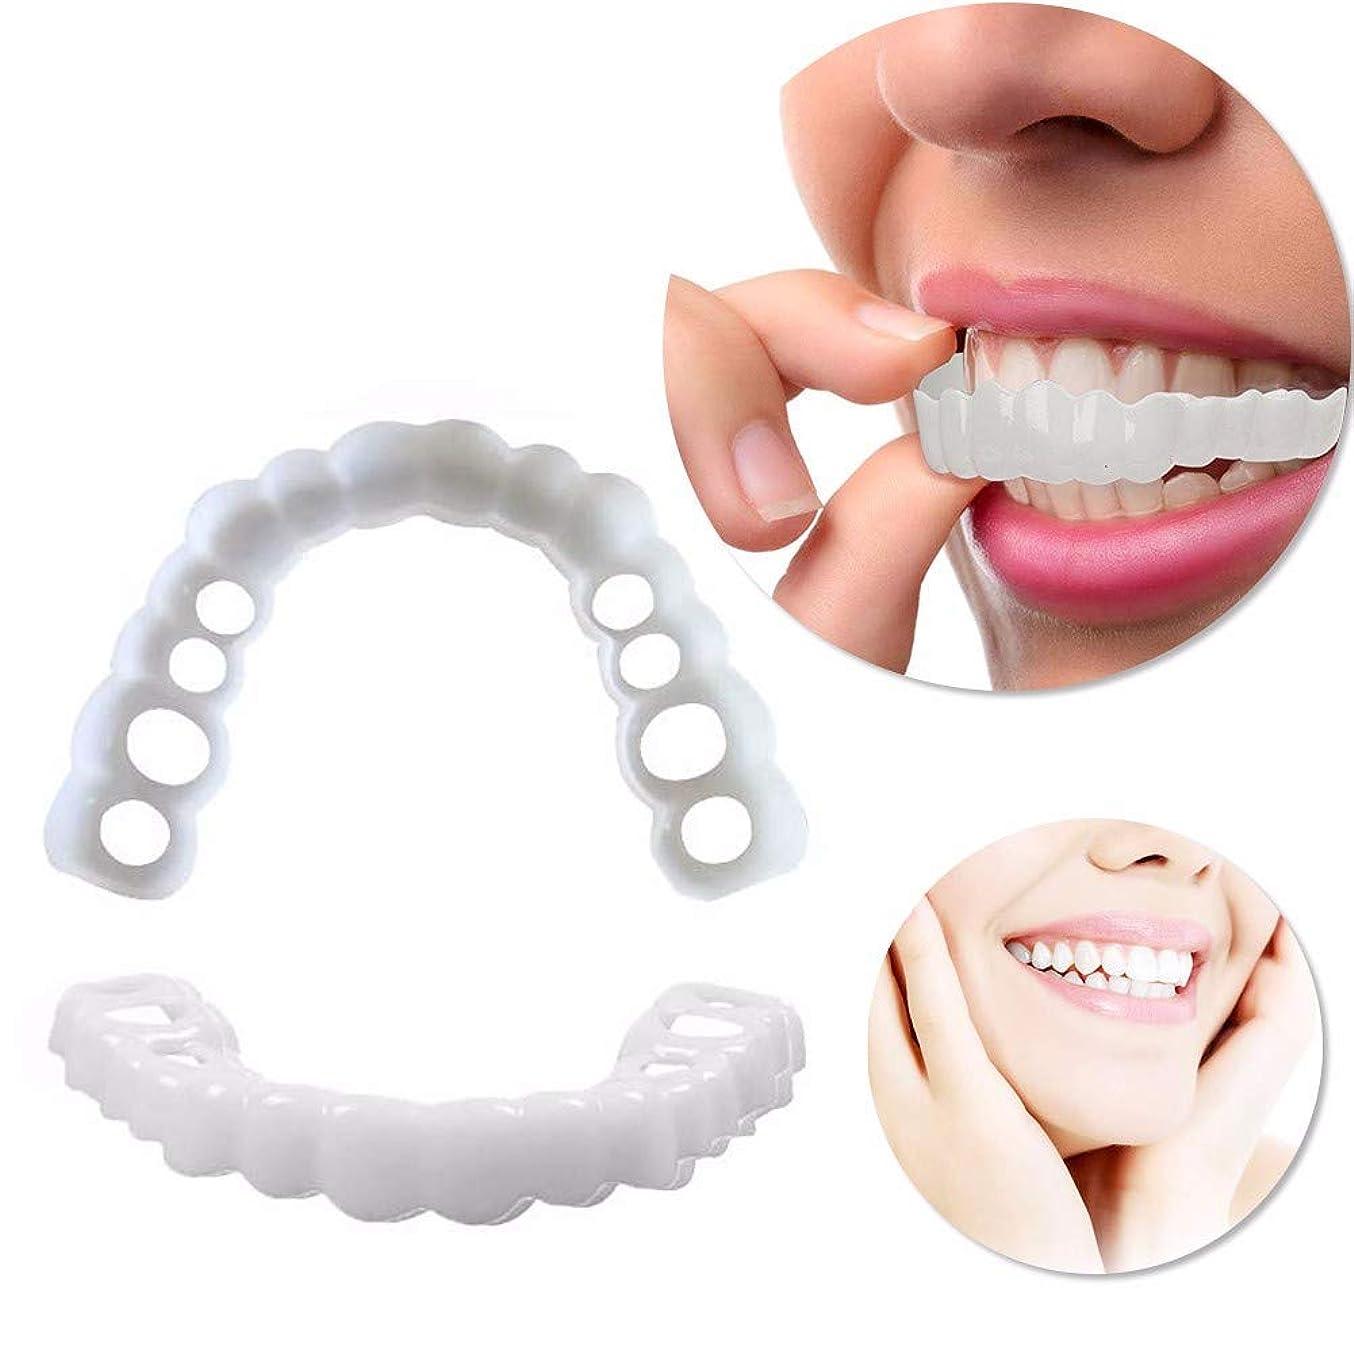 彼女の露骨な呼び起こすインスタントブレースの歯のスナップキャップを白くする歯の化粧品の快適さの適合の義歯の上のベニヤの笑顔ワンサイズはほとんど上と下に合います,2Pairs